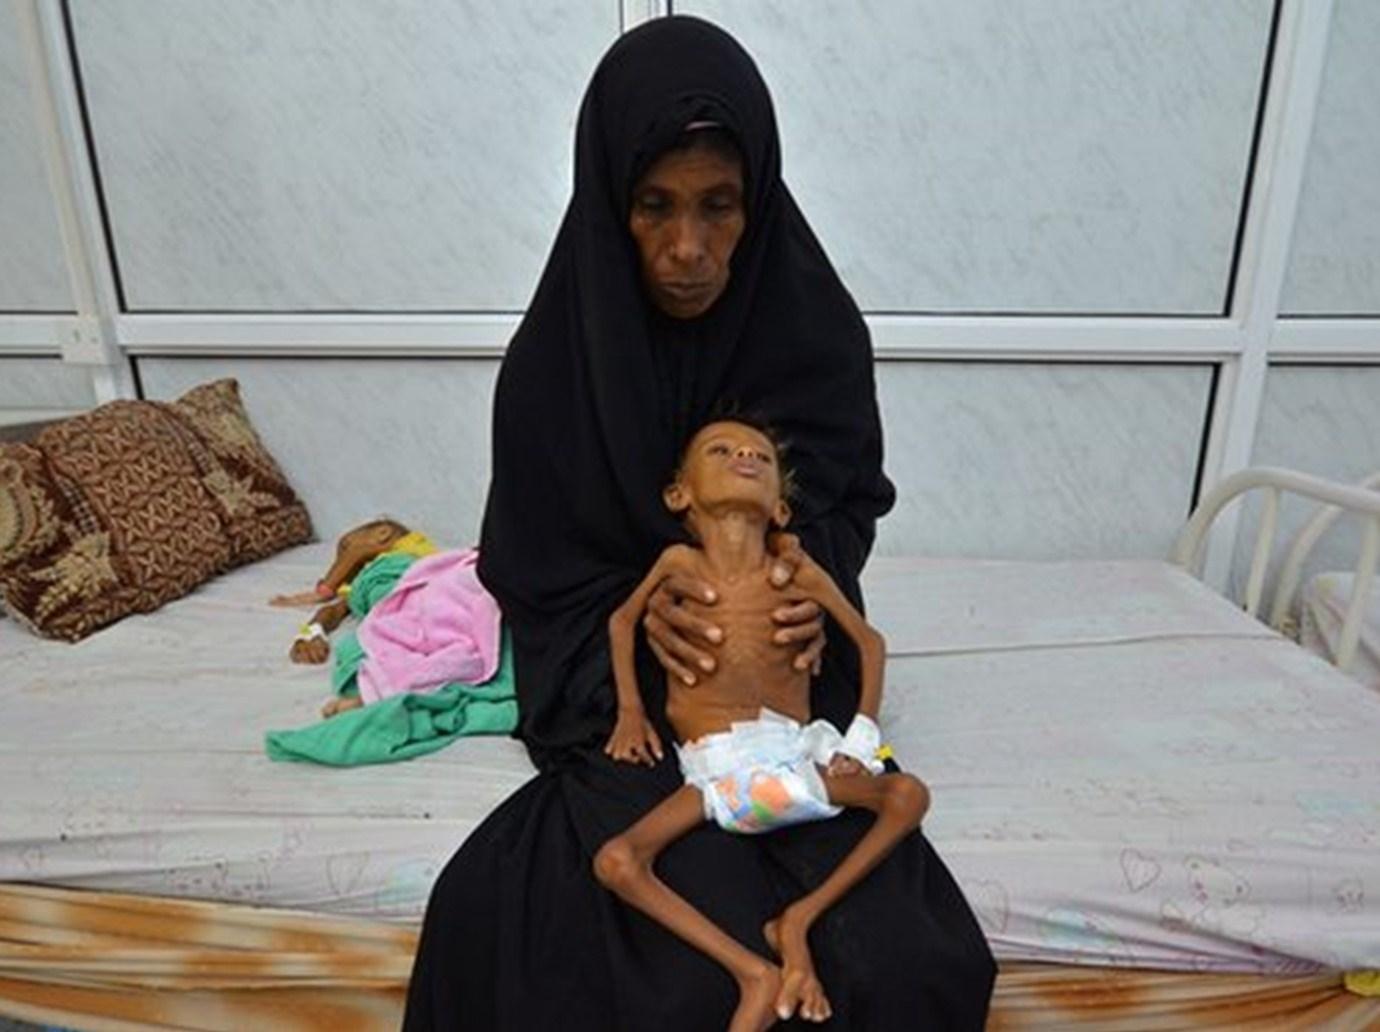 اليمن سيطر على الكوليرا، ولكن ماذا عن كورونا؟